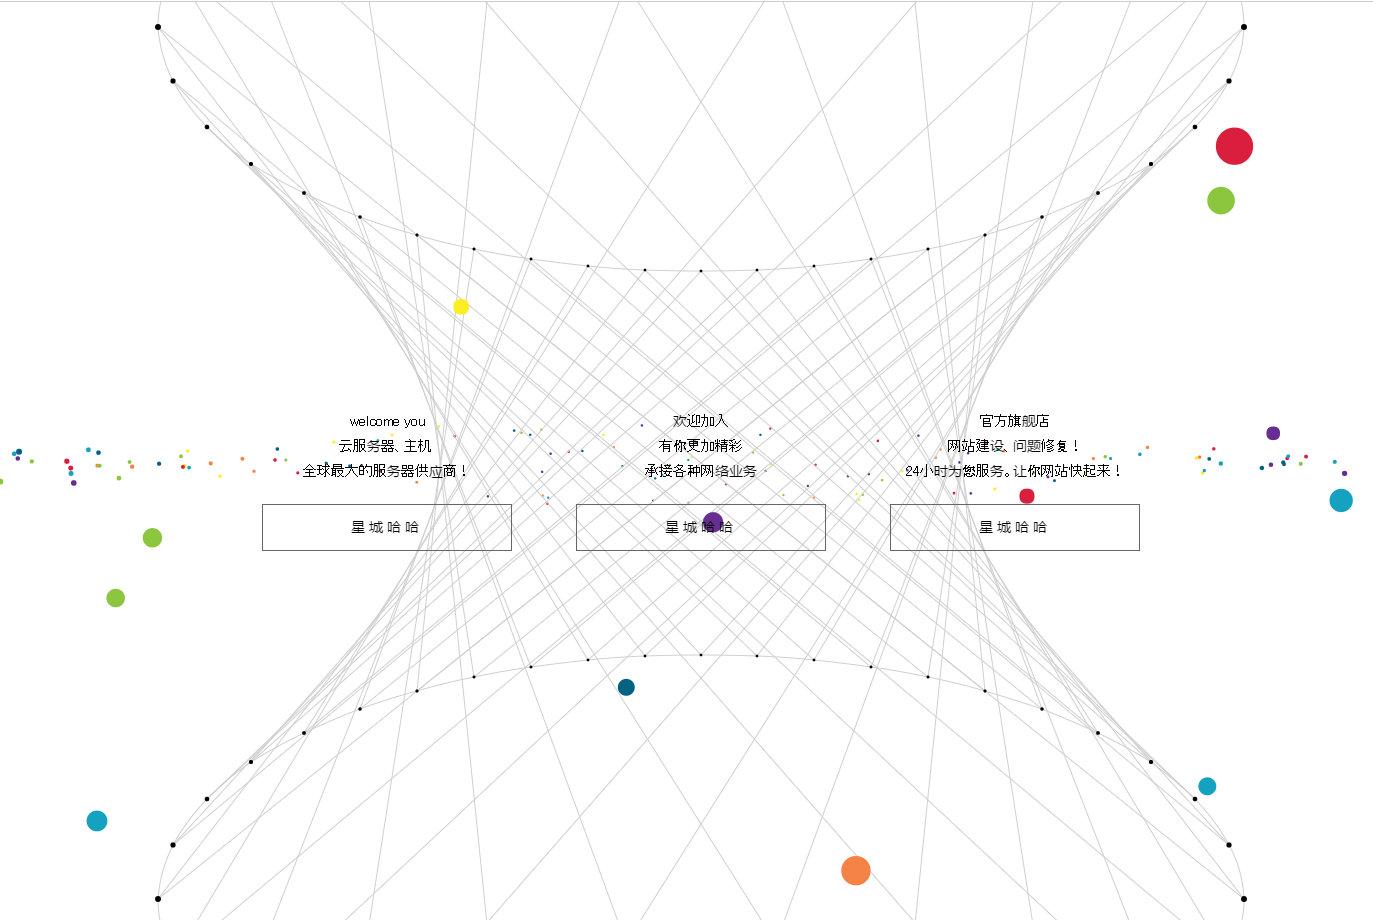 动态炫酷粒子特效引导页